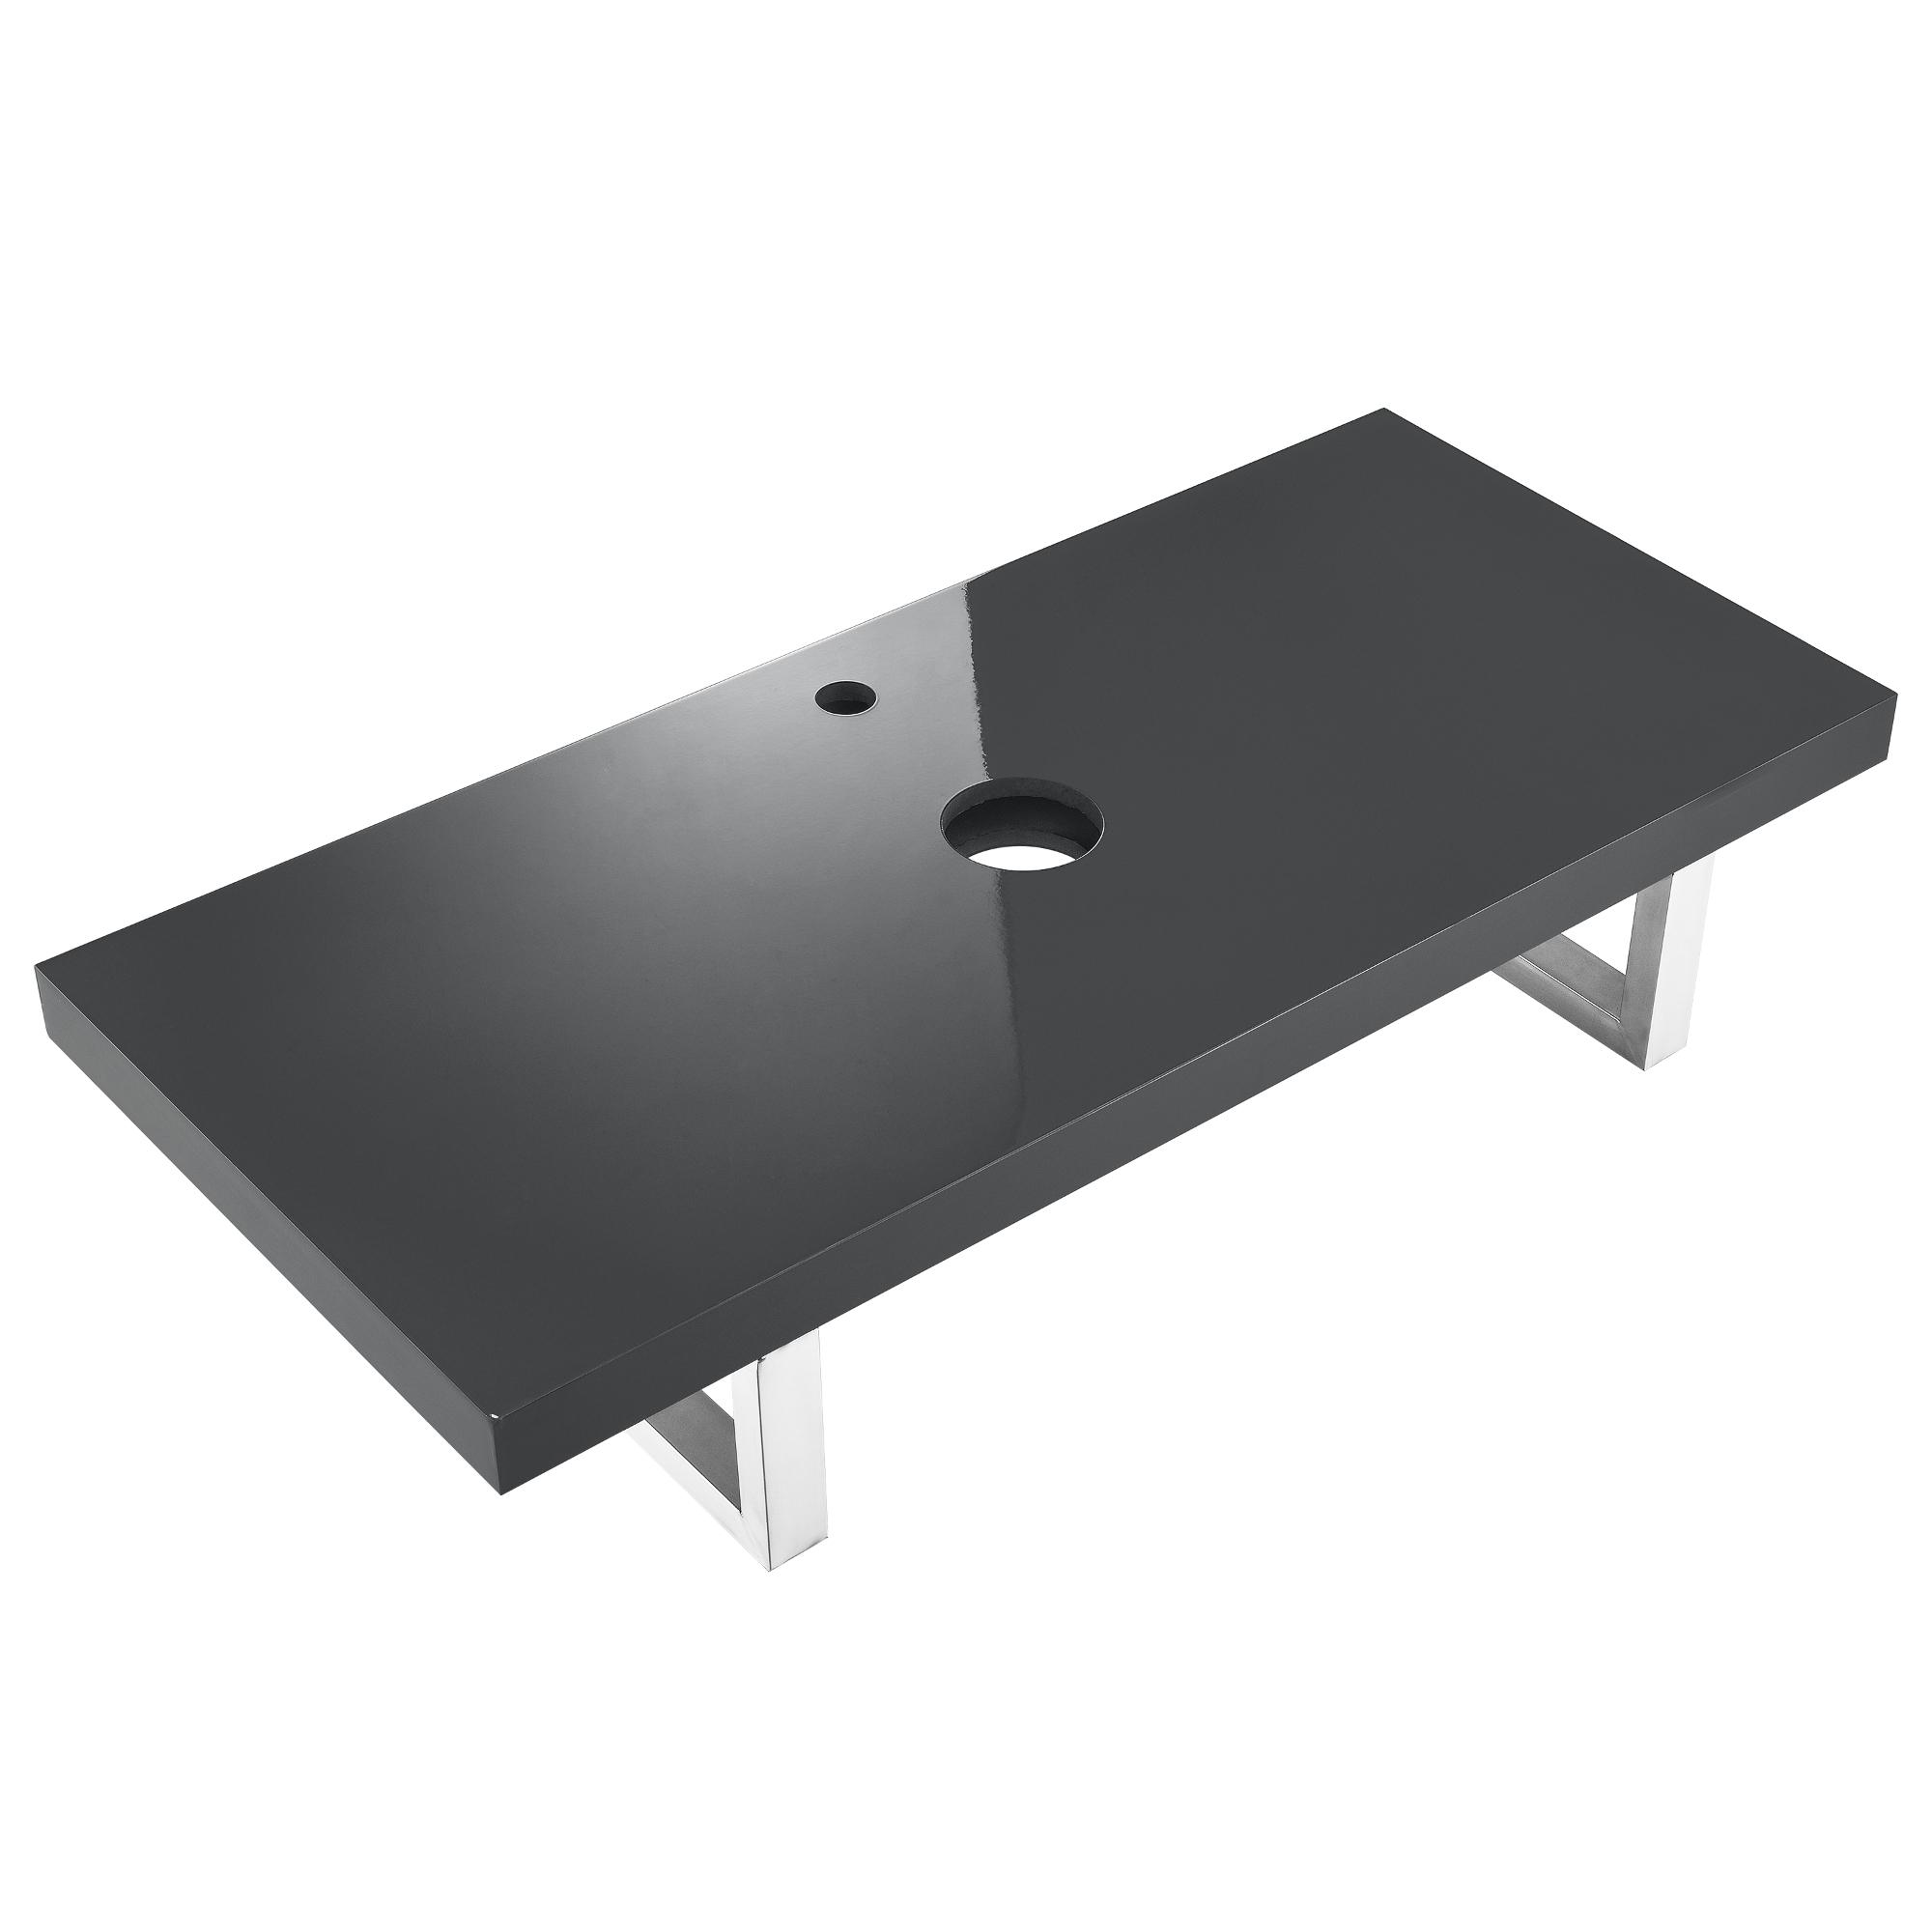 neu haus waschtischplatte waschtischkonsole f r. Black Bedroom Furniture Sets. Home Design Ideas